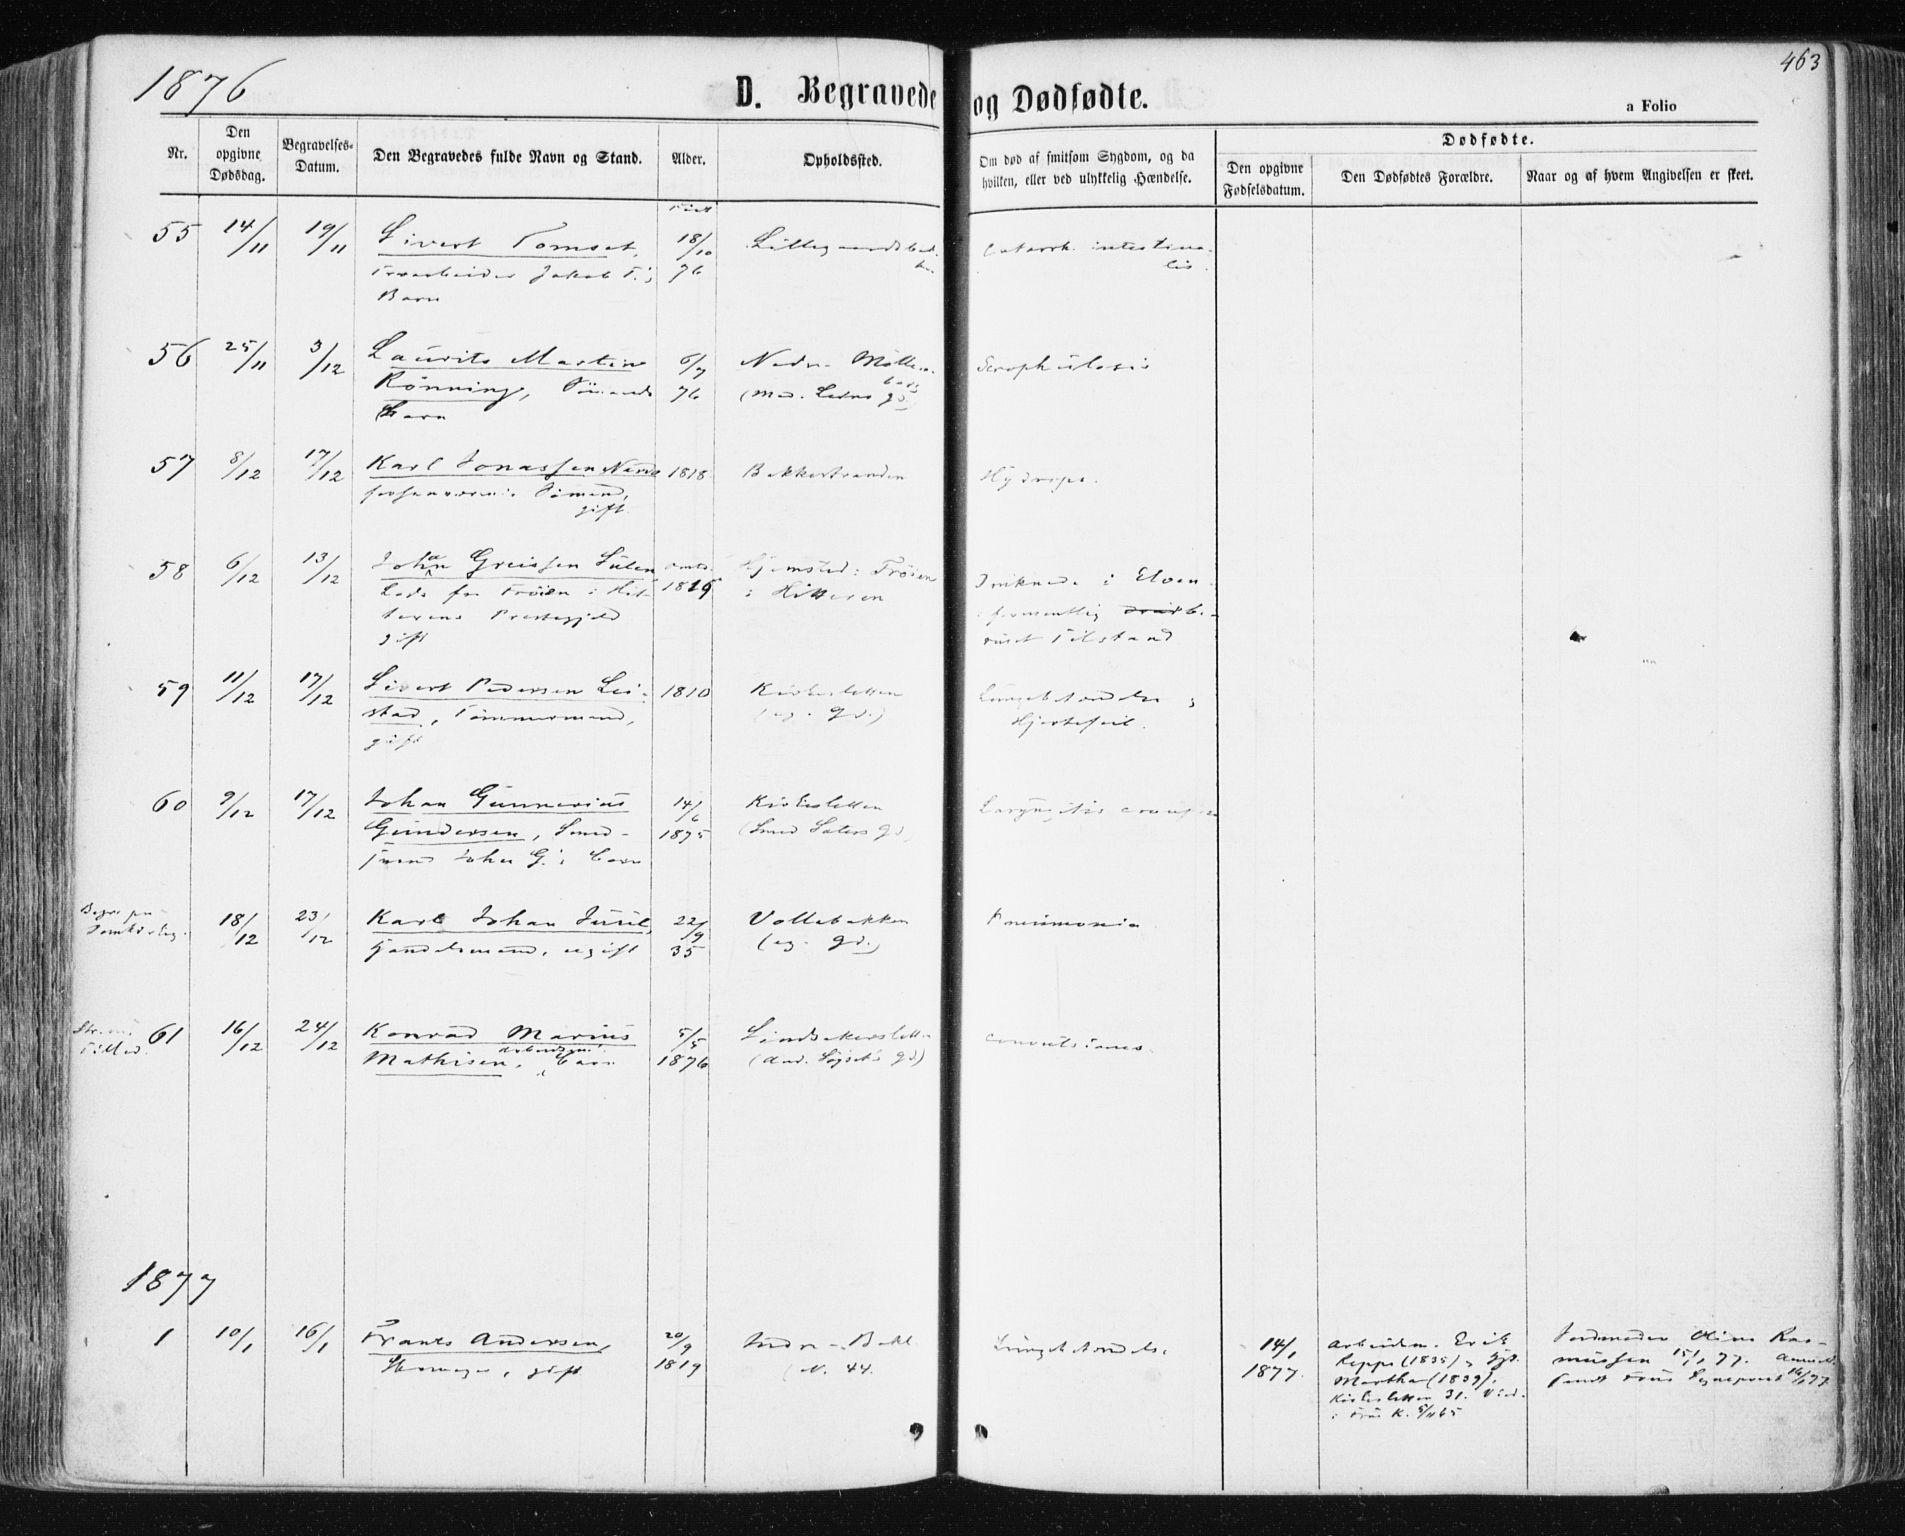 SAT, Ministerialprotokoller, klokkerbøker og fødselsregistre - Sør-Trøndelag, 604/L0186: Ministerialbok nr. 604A07, 1866-1877, s. 463